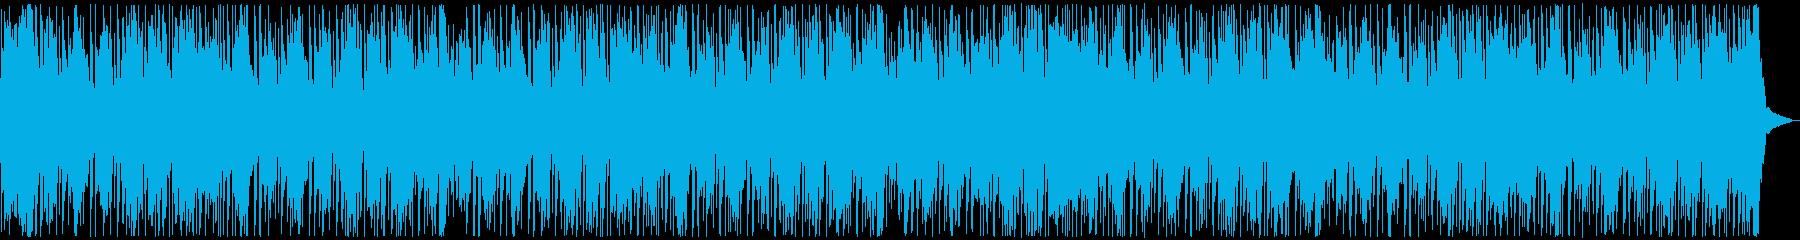 登場時の熱い雰囲気のファンキーなロック!の再生済みの波形